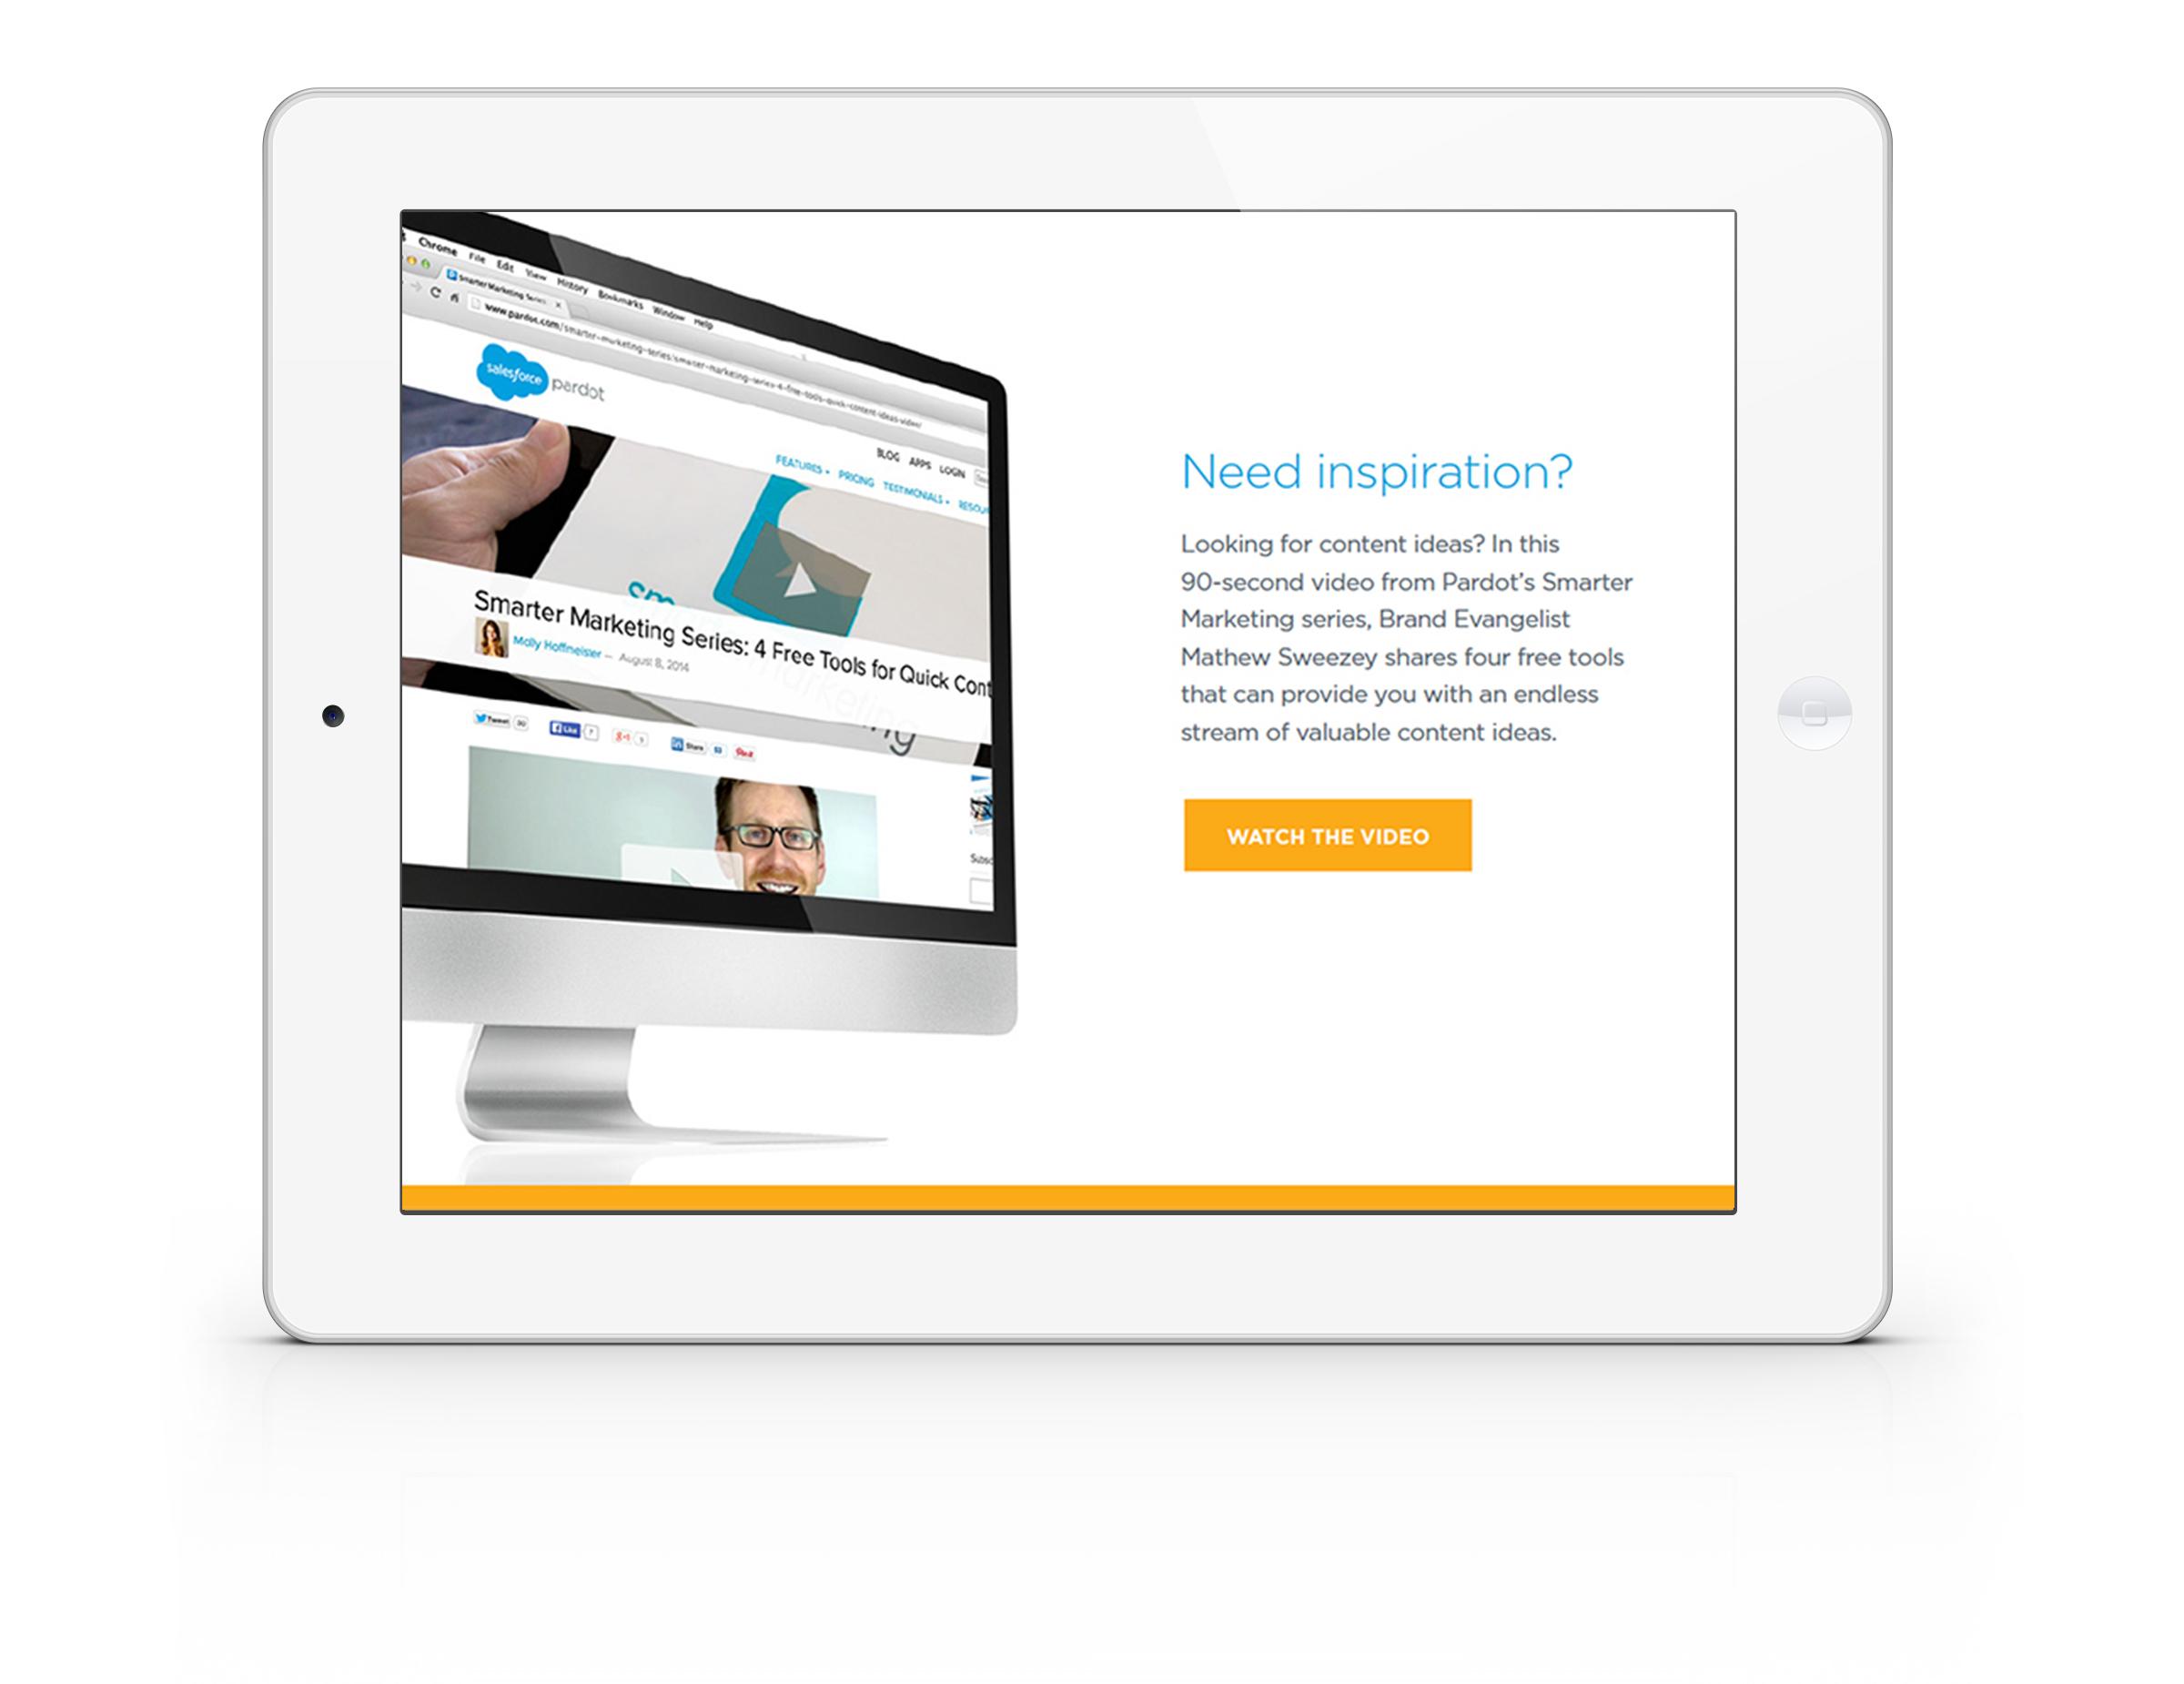 SMB_iPad_4.jpg